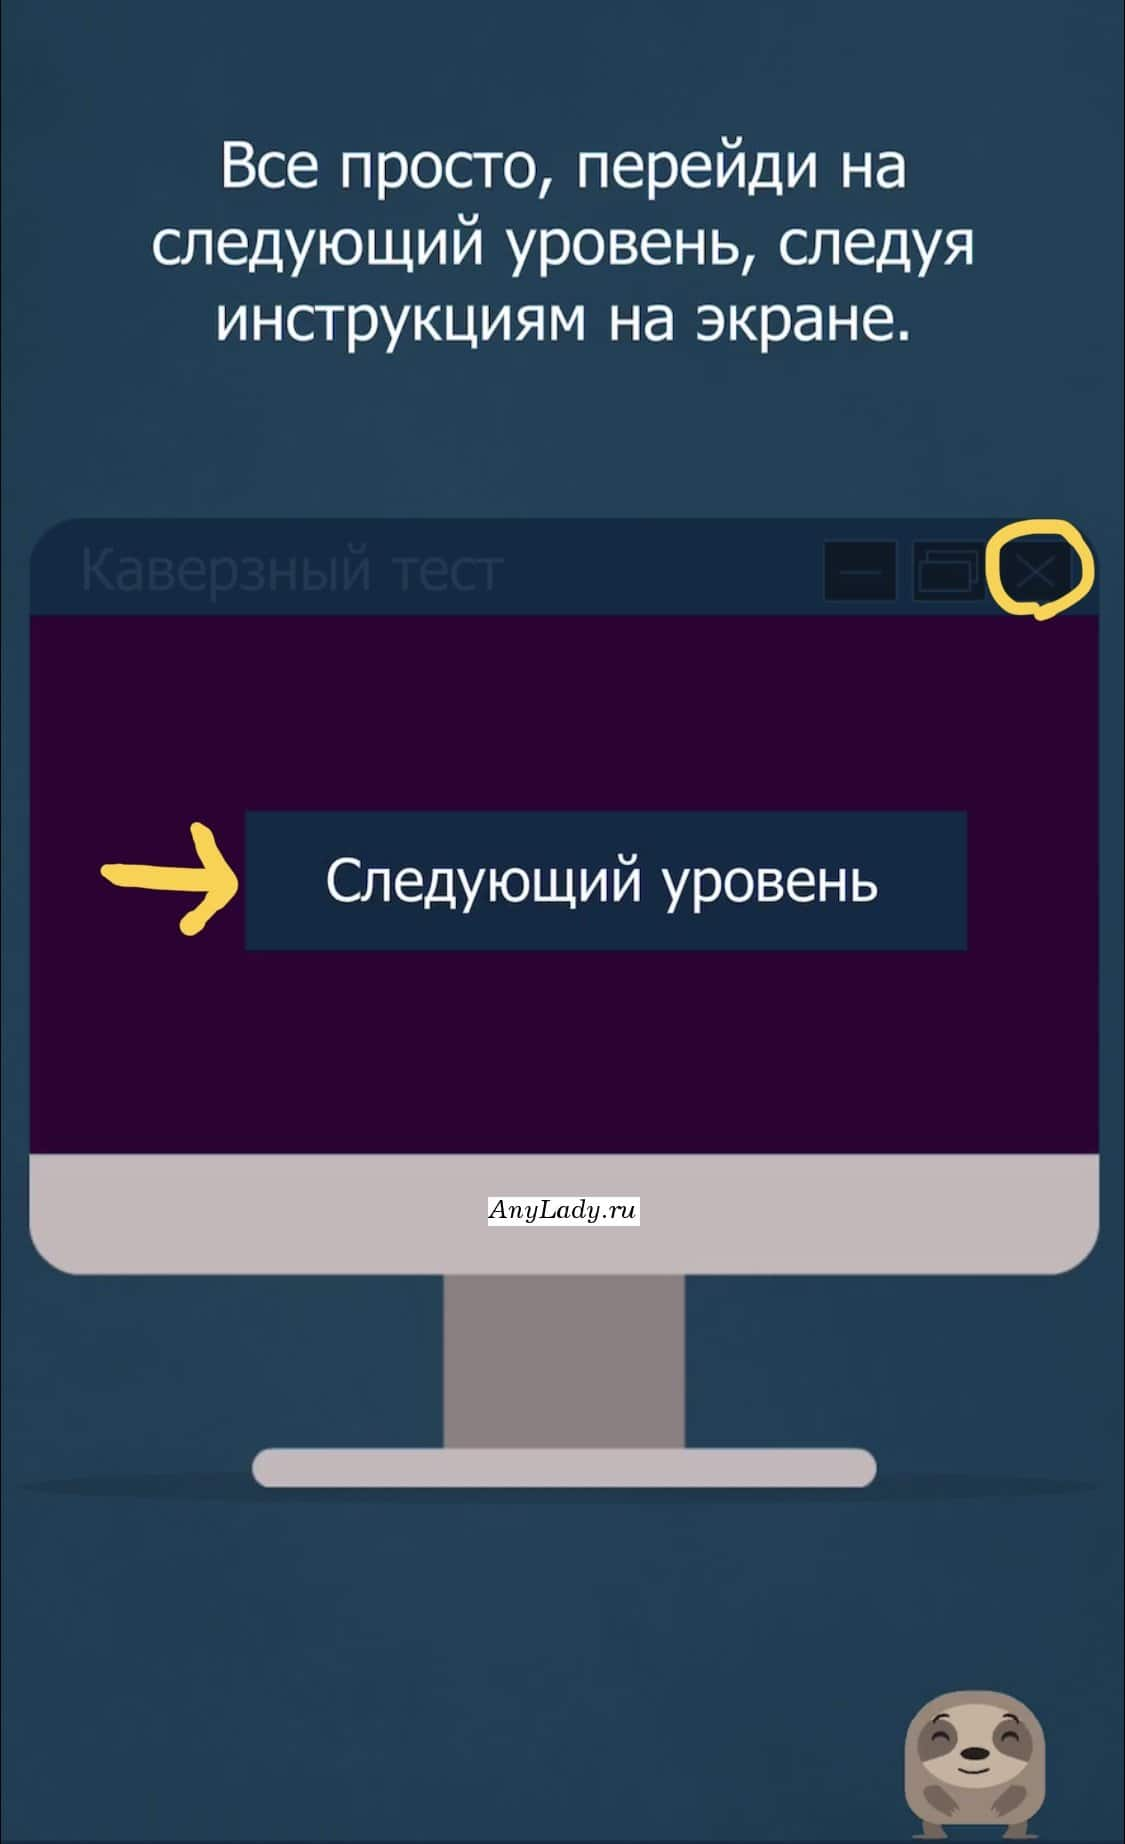 """Справа, от надписи: """"Каверзный тест"""" есть X - нажмите на него. Появится фиолетовый фон, на котором кнопка: """"Следующий уровень"""", жмите на нее и уровень пройден."""